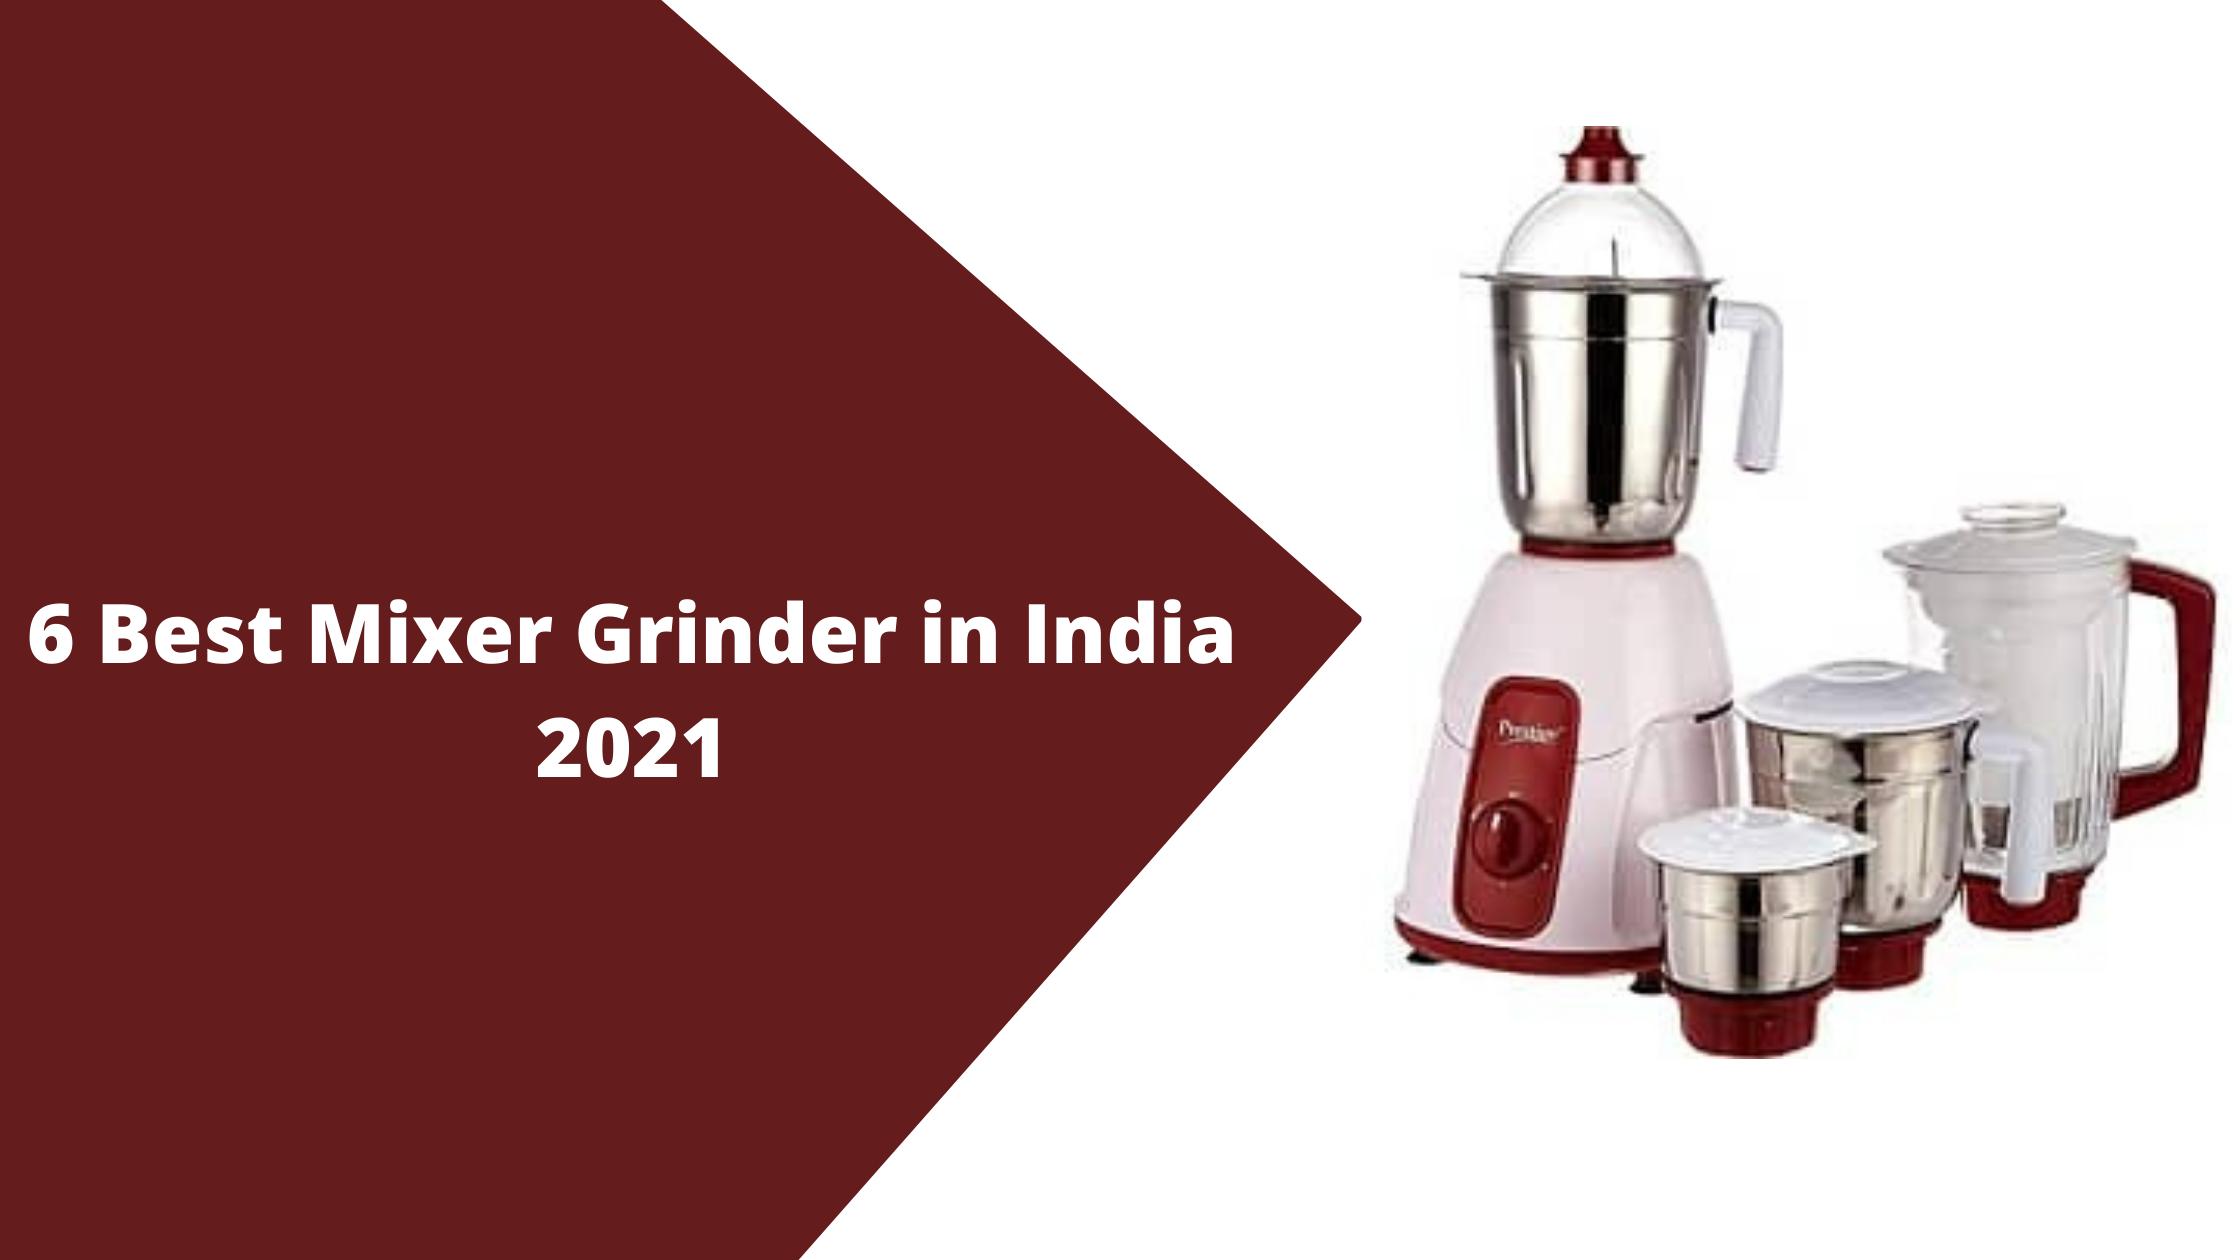 6 Best Mixer Grinder in India 2021